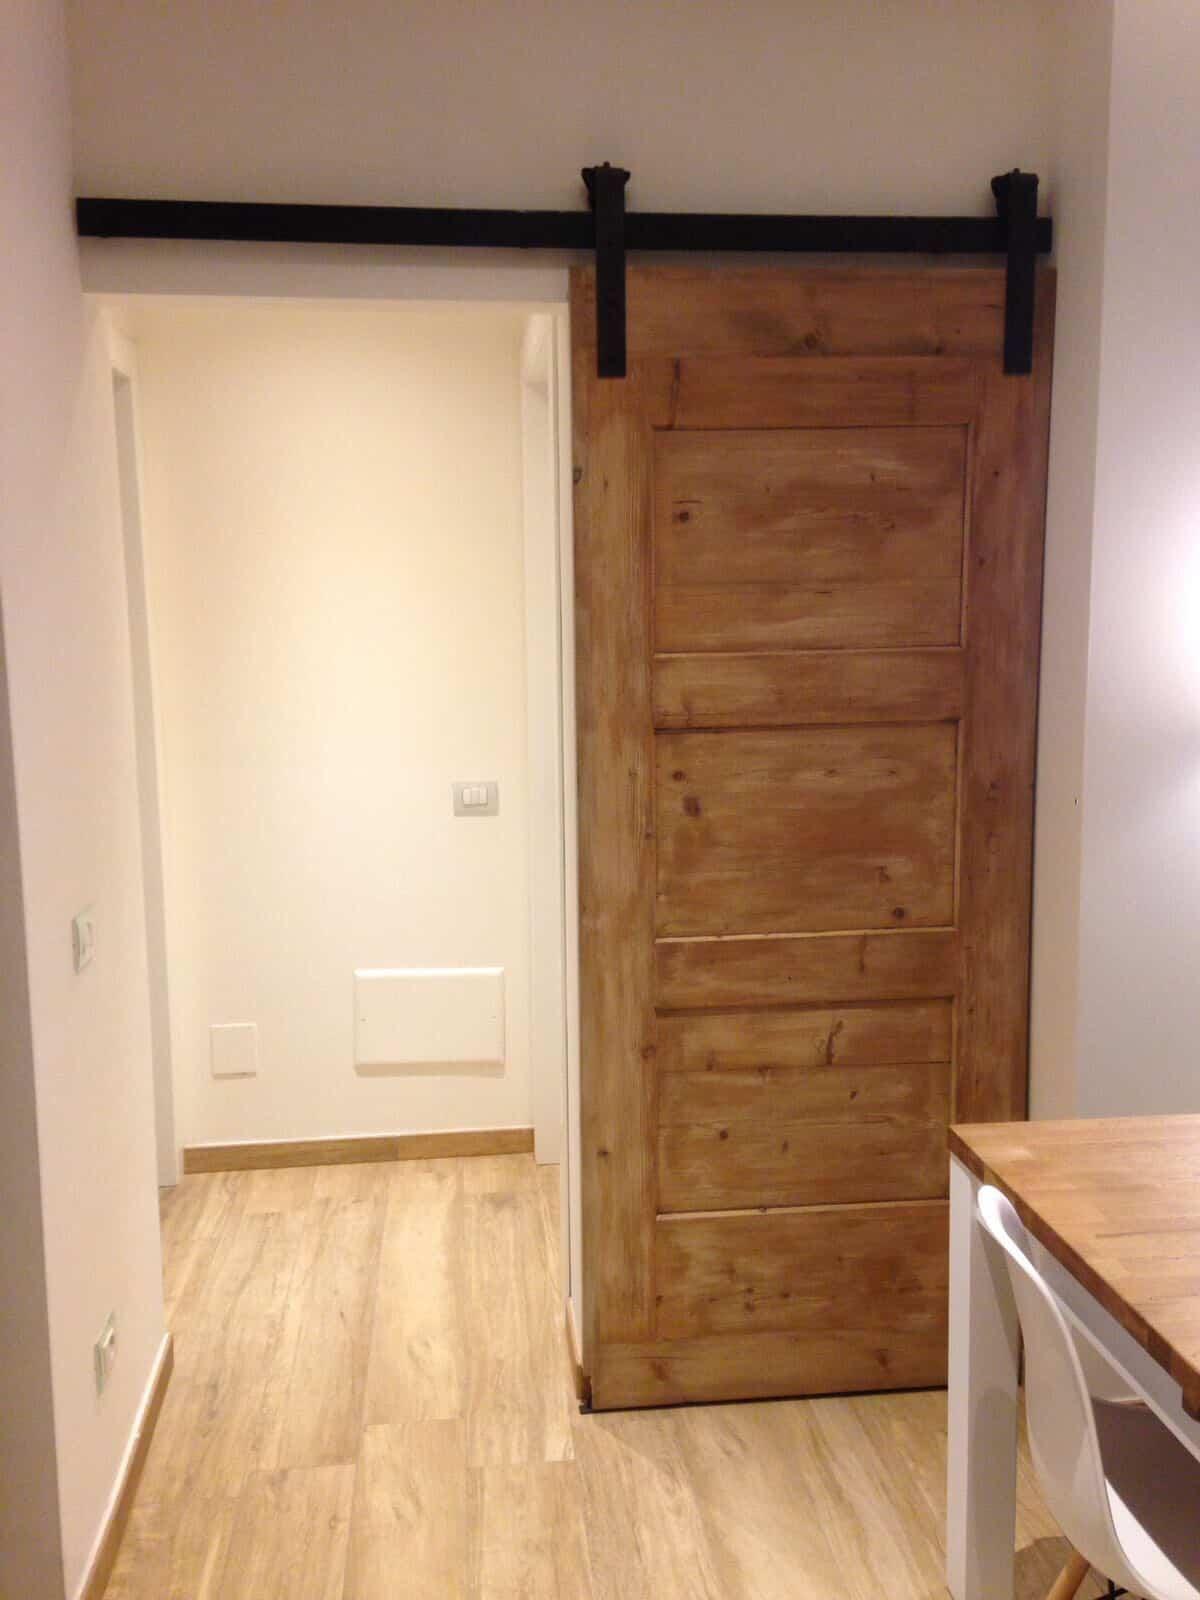 Binario per porta scorrevole in ferro le fabric design Barn Door lunghezza 2 metri anticato ruggine porta da 80 cm porta da 90 cm porta fienile